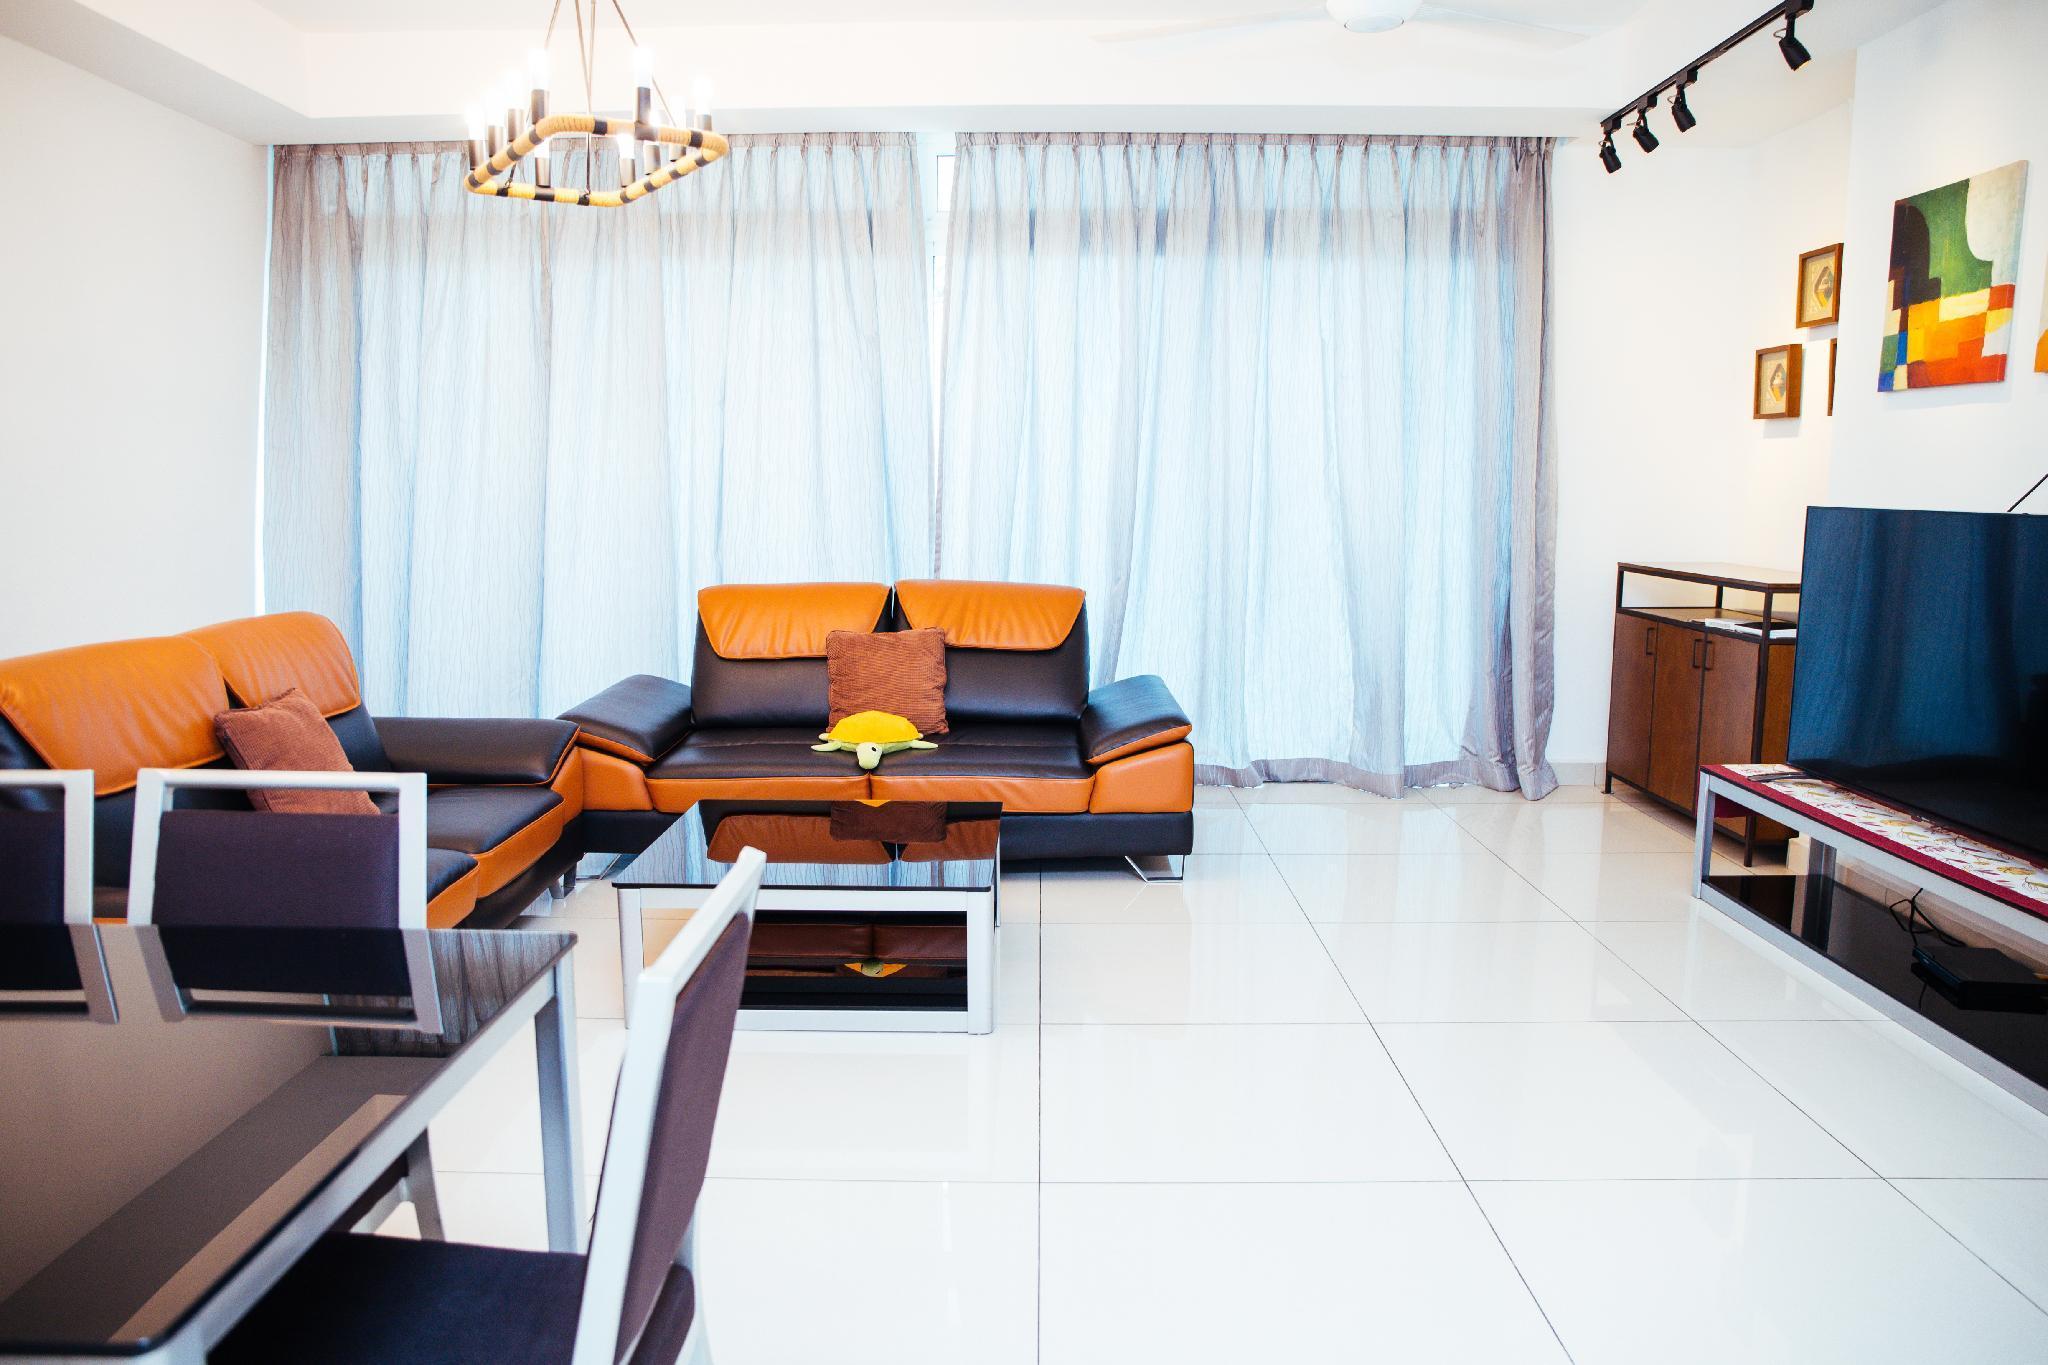 D' Carnation Suite @ KSL D' Esplanade Residence